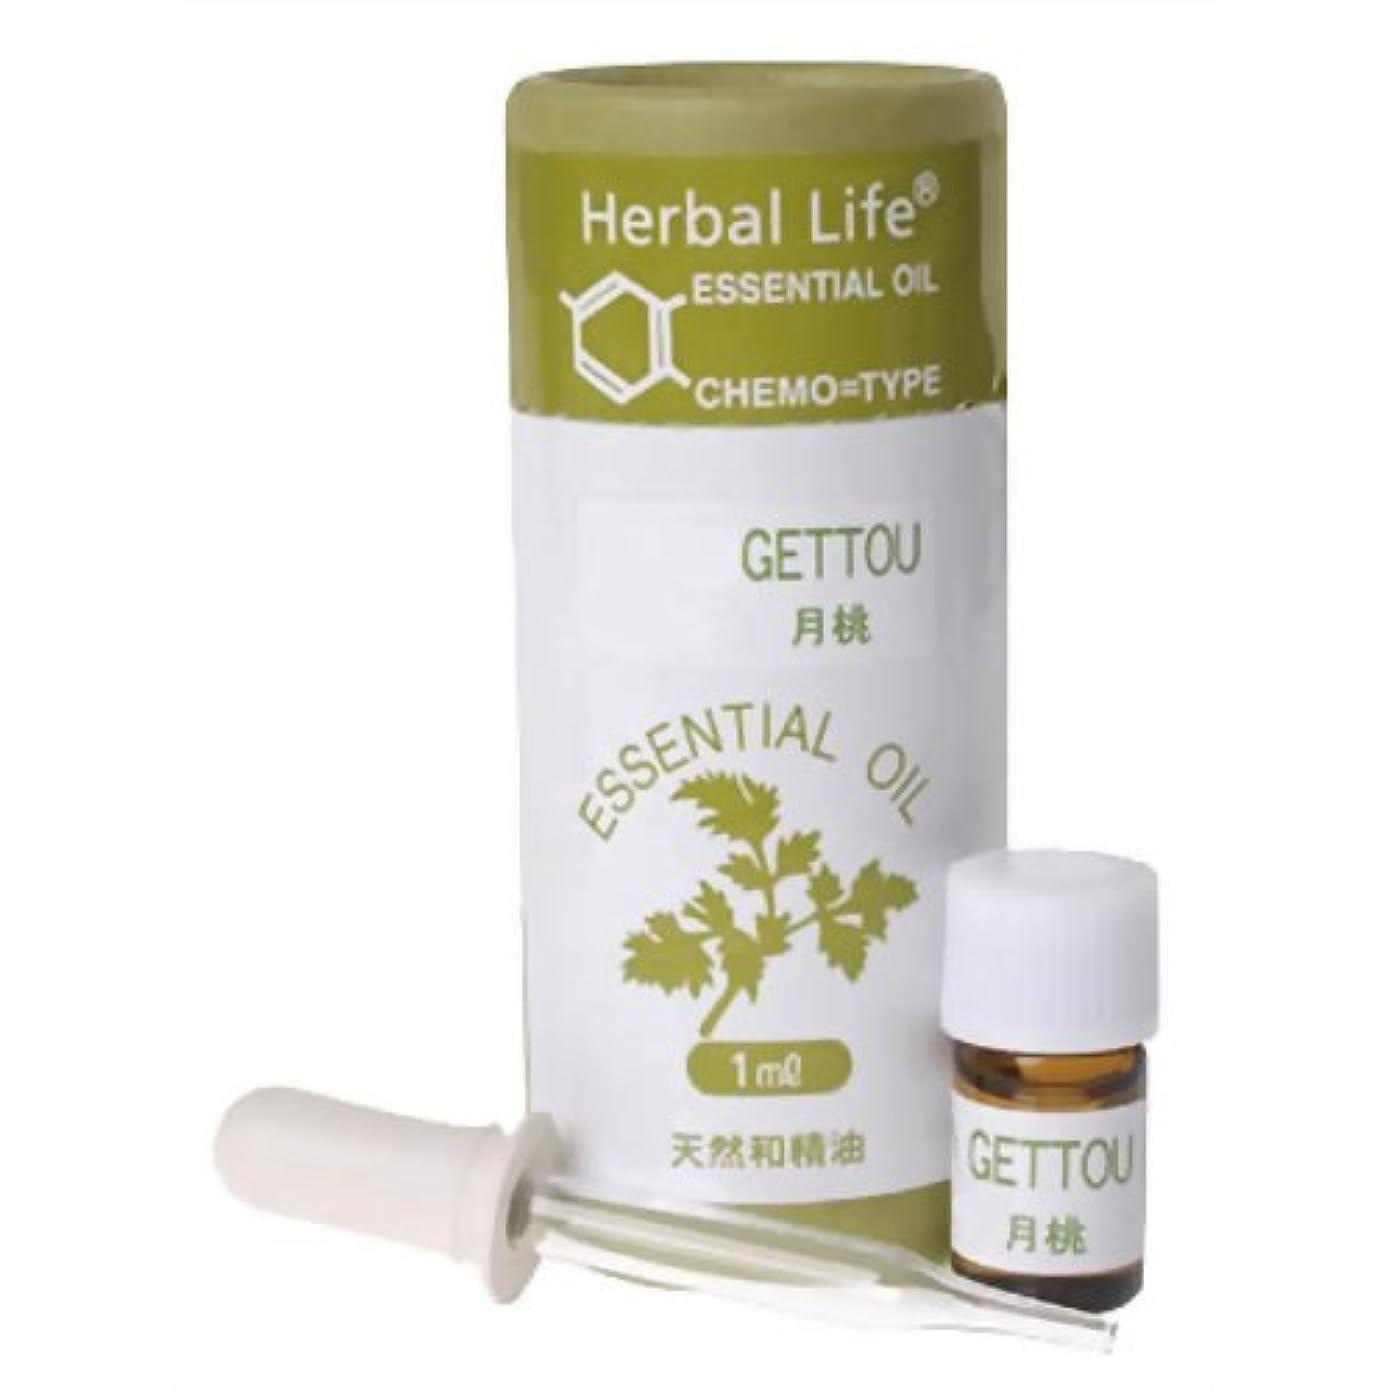 本反応するブルーベル生活の木 Herbal Life月桃 1ml